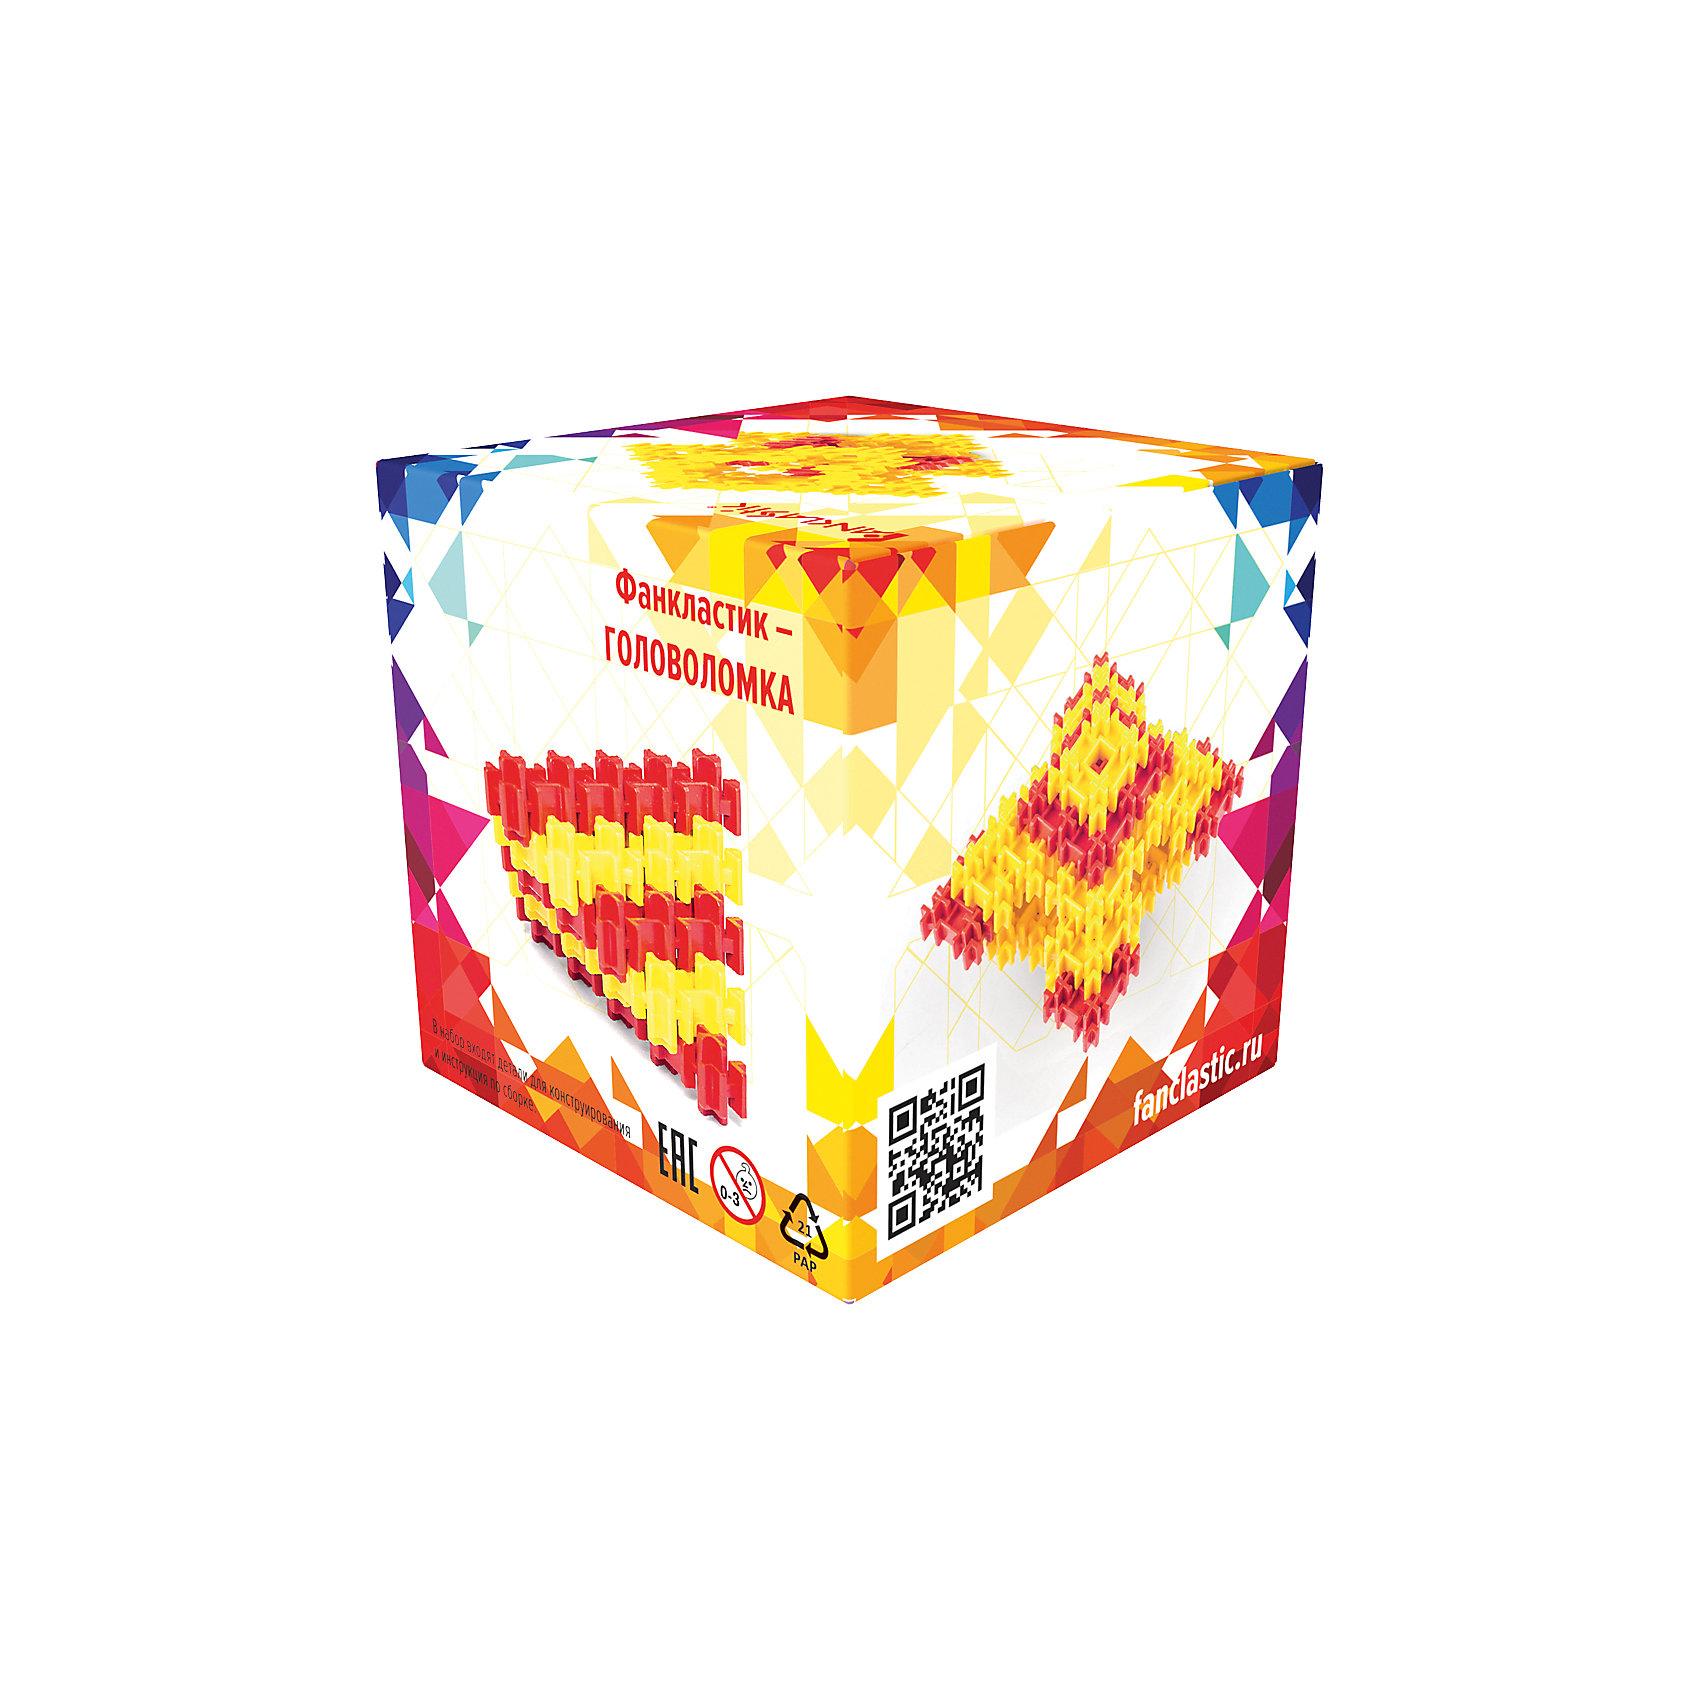 Конструктор Fanclastic ГоловоломкаПервый в мире модульный конструктор Фанкластик (Fanclastic) – уникальная развивающая игра для детей, разработанная в России и не имеющая мировых аналогов. Этот набор-головоломка позволяет собрать 8 моделей по представленным во вкладыше фотографиям без использования инструкций. Все детали конструктора выполнены из высококачественного пластика, имеют прочные соединения, поэтому собранные модели можно использовать как игрушки, брать с собой куда угодно, не опасаясь за целостность как отдельных деталей конструктора, так и собранной конструкции.<br>Конструирование - увлекательный и полезный процесс, развивающий моторику рук, внимание, пространственное мышление и фантазию. <br><br>Дополнительная информация:<br><br>- Материал: ABS пластик.<br>- Размер упаковки: 27х18х18 см.<br>- Количество деталей: 27  шт. <br>- Модели, которые можно собрать из набора: фант, куб, портал, кристалл, призма, зигзаг, триангл, кварта.<br>- Совместимы с другими наборами.  <br><br>Конструктор Fanclastic Головоломка можно купить в нашем магазине.<br><br>Ширина мм: 85<br>Глубина мм: 85<br>Высота мм: 85<br>Вес г: 102<br>Возраст от месяцев: 120<br>Возраст до месяцев: 192<br>Пол: Унисекс<br>Возраст: Детский<br>SKU: 4642341